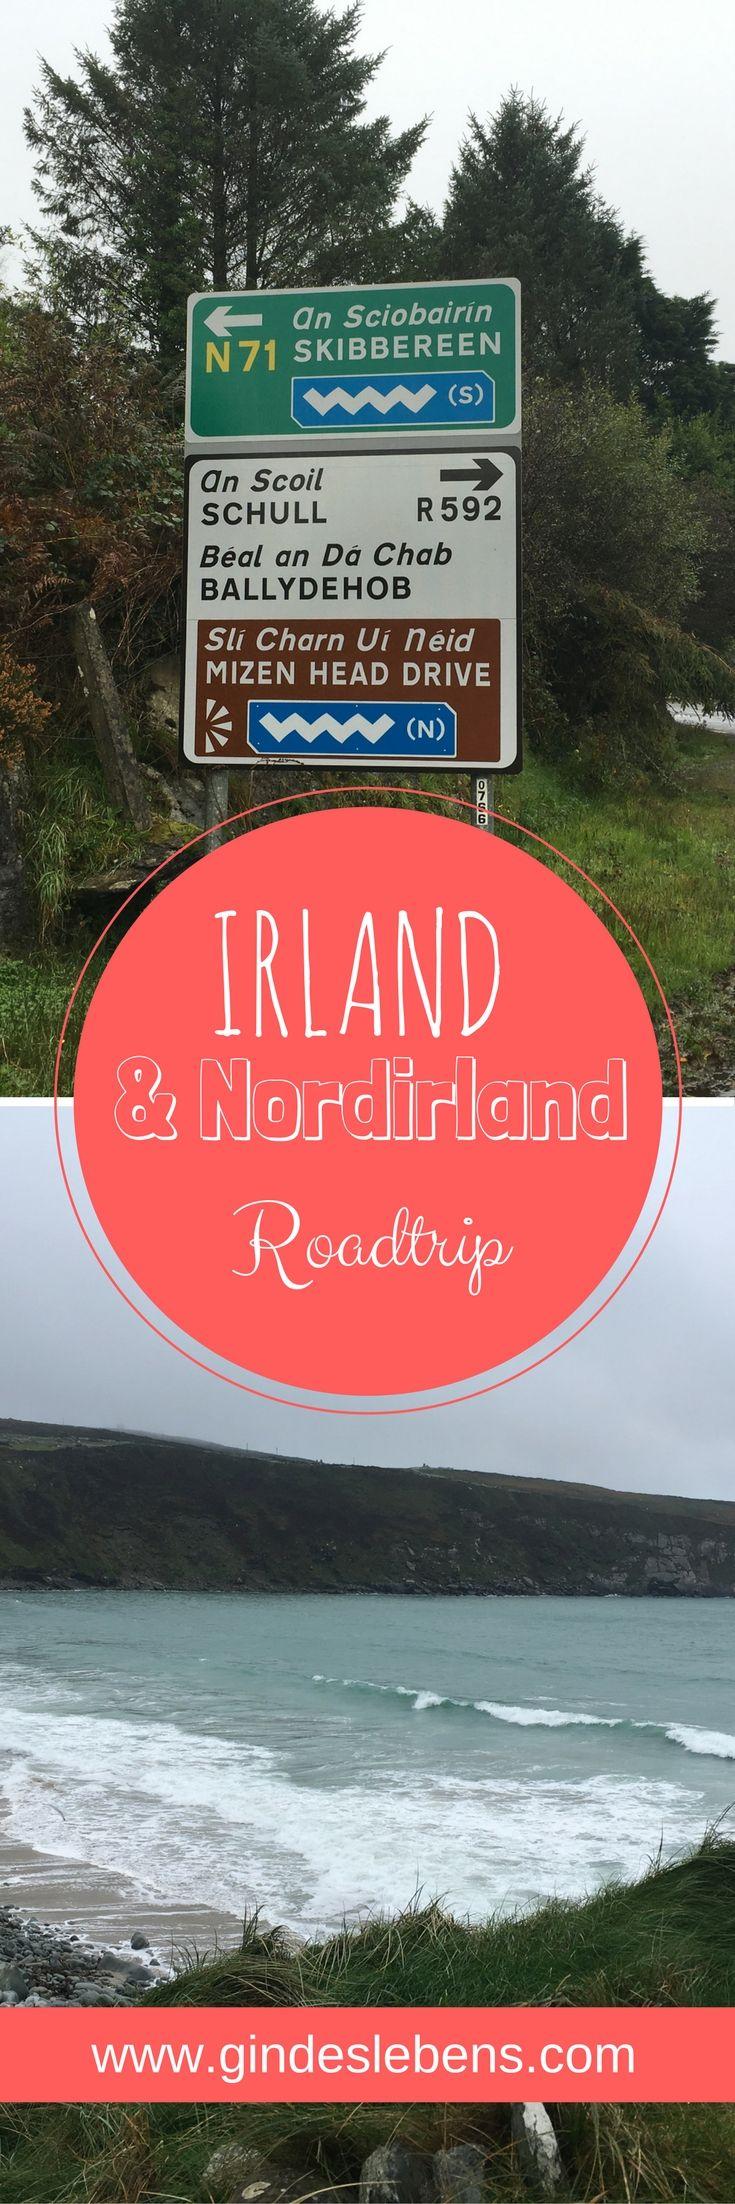 Irland und Nordirland Roadtrip im Oktober nur was für Verrückte? Vom Winde verweht. Land unter. Wildes Irland. All dies trifft genau auf unseren Irland und Nordirland Roadtrip zu. Wir waren nun bereits mehrmals in der Regenzeit in der Karibik und hatten noch nie viele Regentage, geschweige denn einen Hurrikan. Dann reisen wir nach Irland und was passiert: Hurrikan, Starkregen und ein Sturmtief. Im Beitrag gibt's auch eine Karte mit unserer Route. www.gindeslebens.com #Roadtrip...